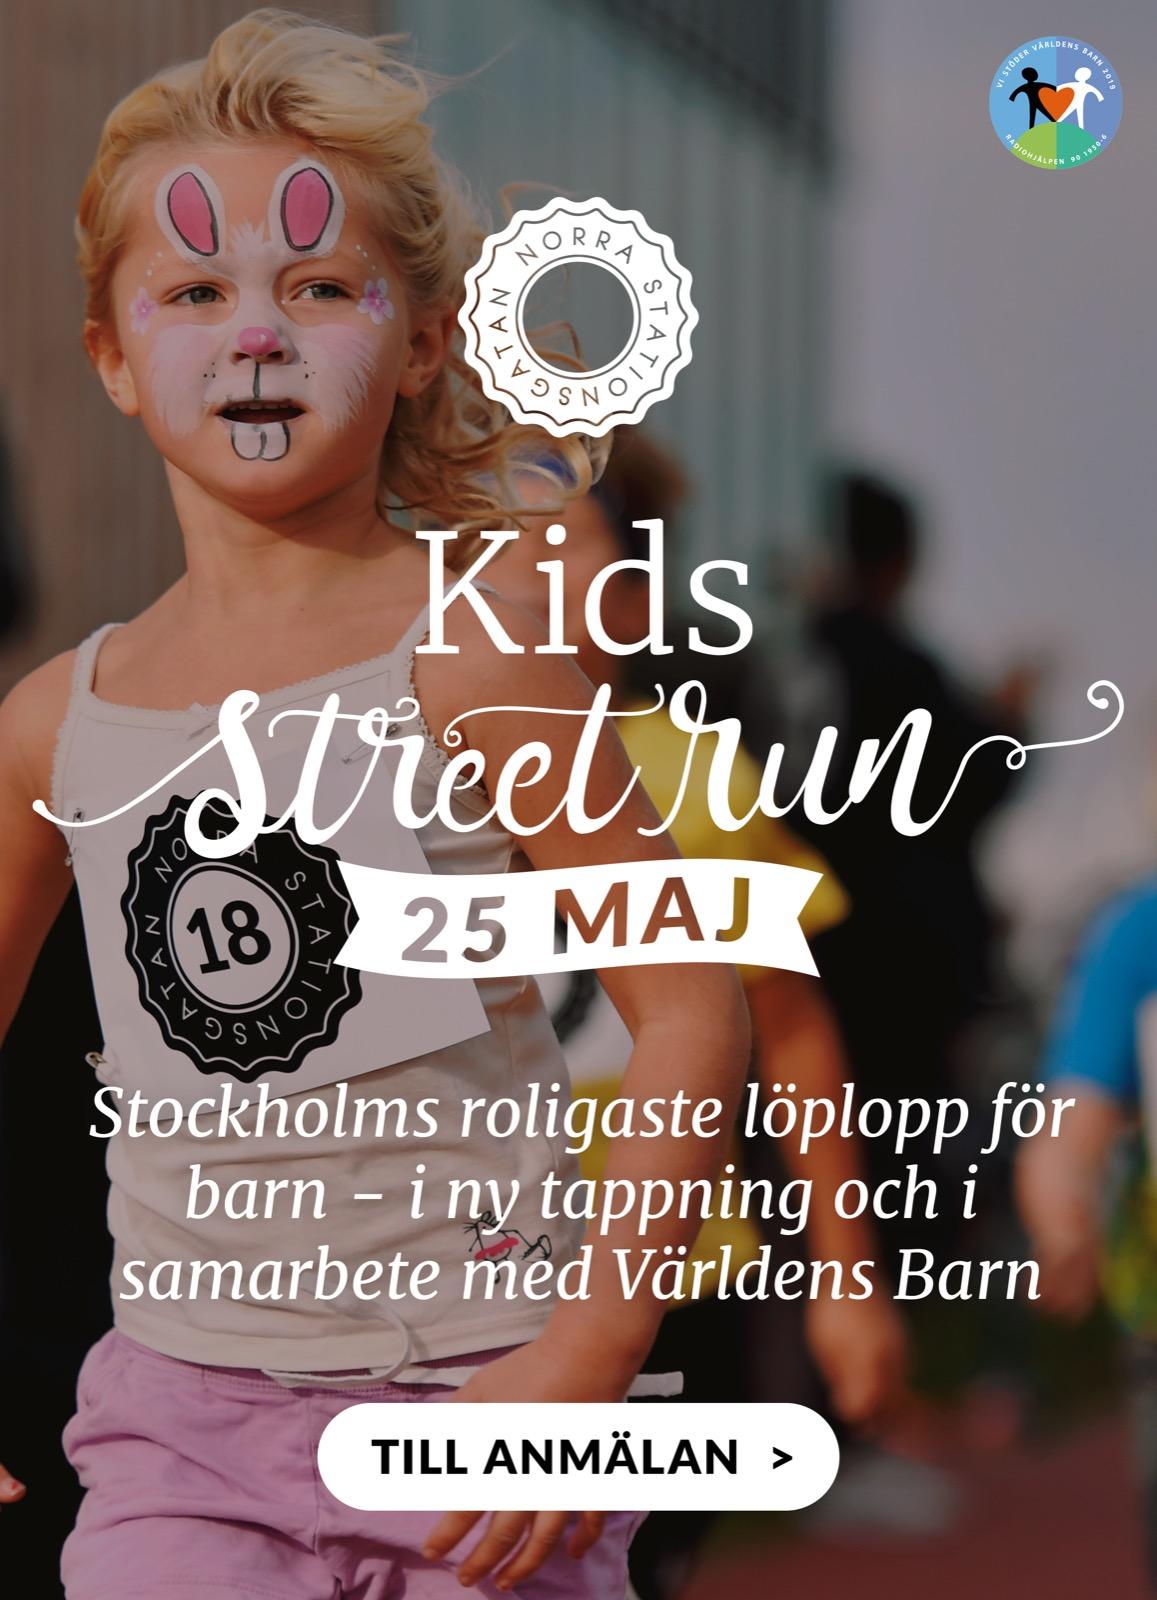 Kids-Street-Run-Nyhetsbrevskiss-3-resize-1600.jpg